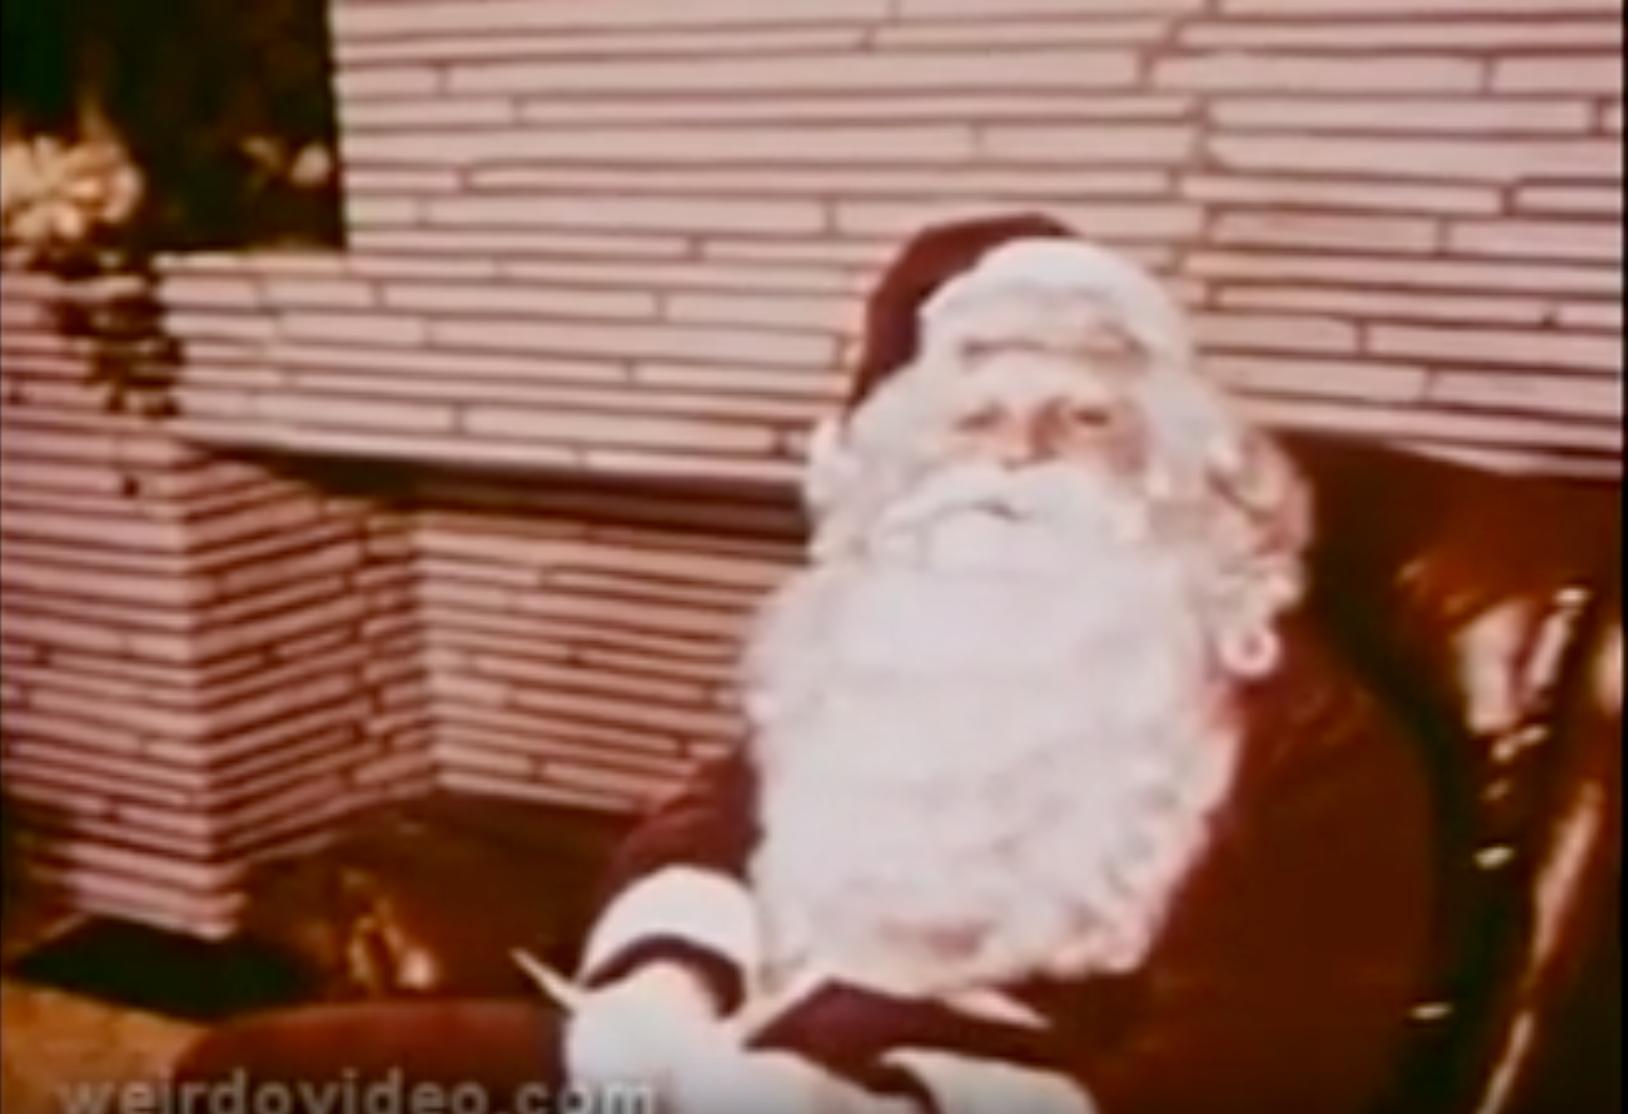 A Visit to Santa - 1953